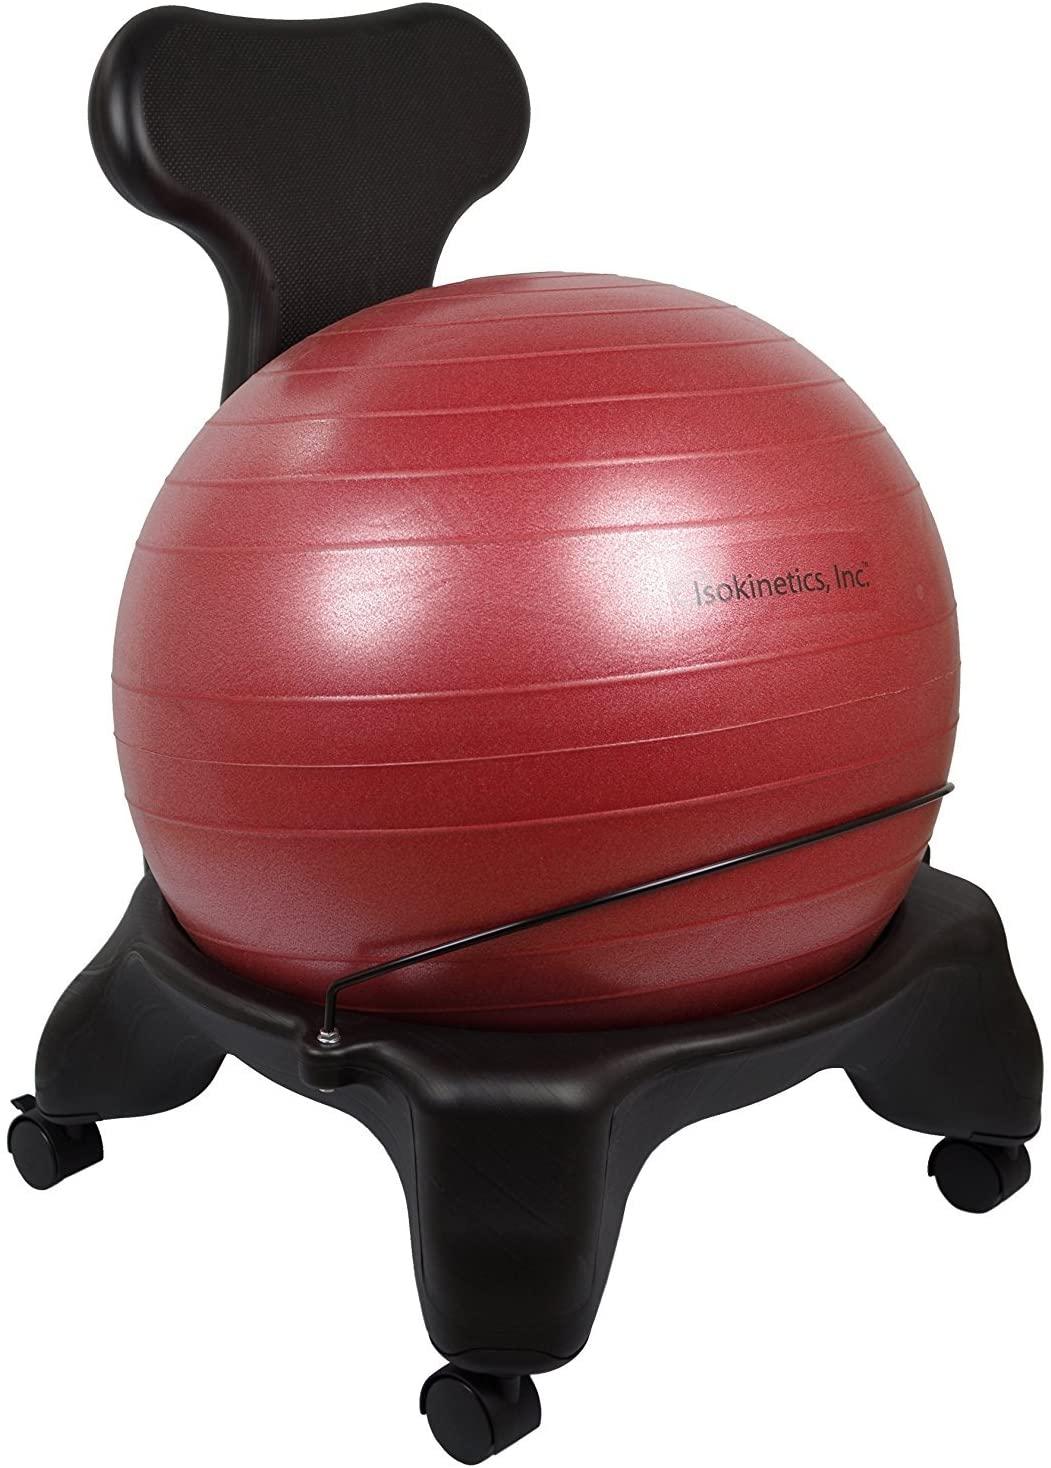 Isokinetics balance ball chair amazon